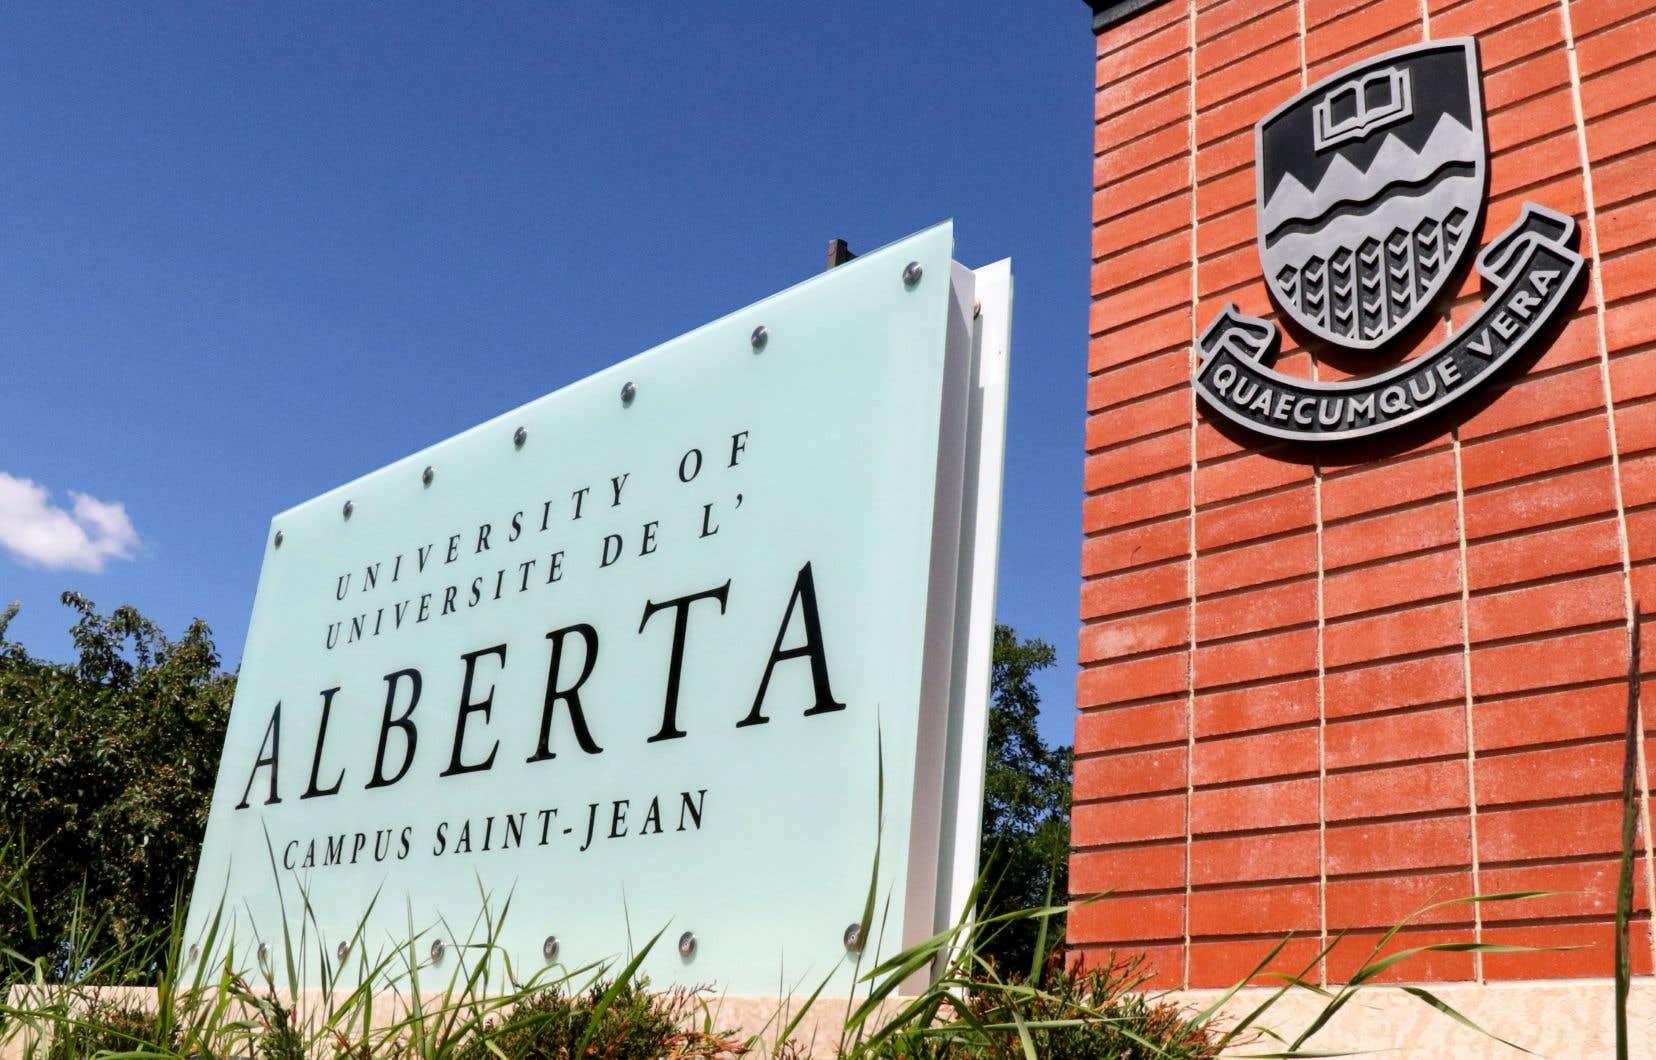 Il faudra s'attendredans les prochains mois à des discussions très serrées, pour que le Campus Saint-Jean puisse maintenirle contrôle de sa recherche et de ses programmes d'études supérieures.